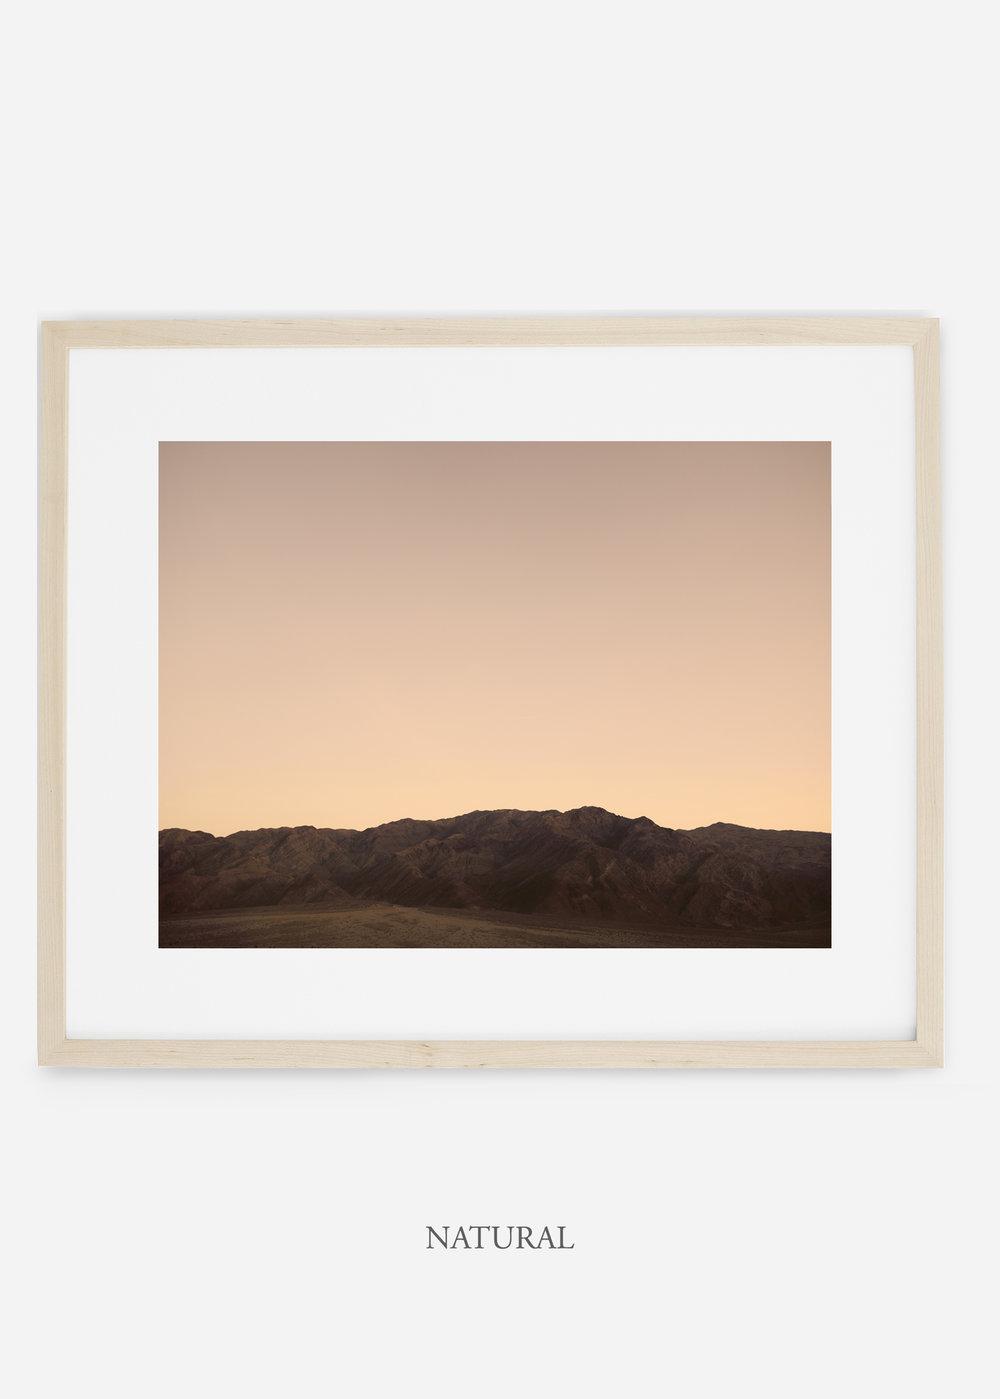 wildercalifornia_naturalframe_deathvalley_5_minimal_desert_art_interiordesign_blackandwhite.jpg